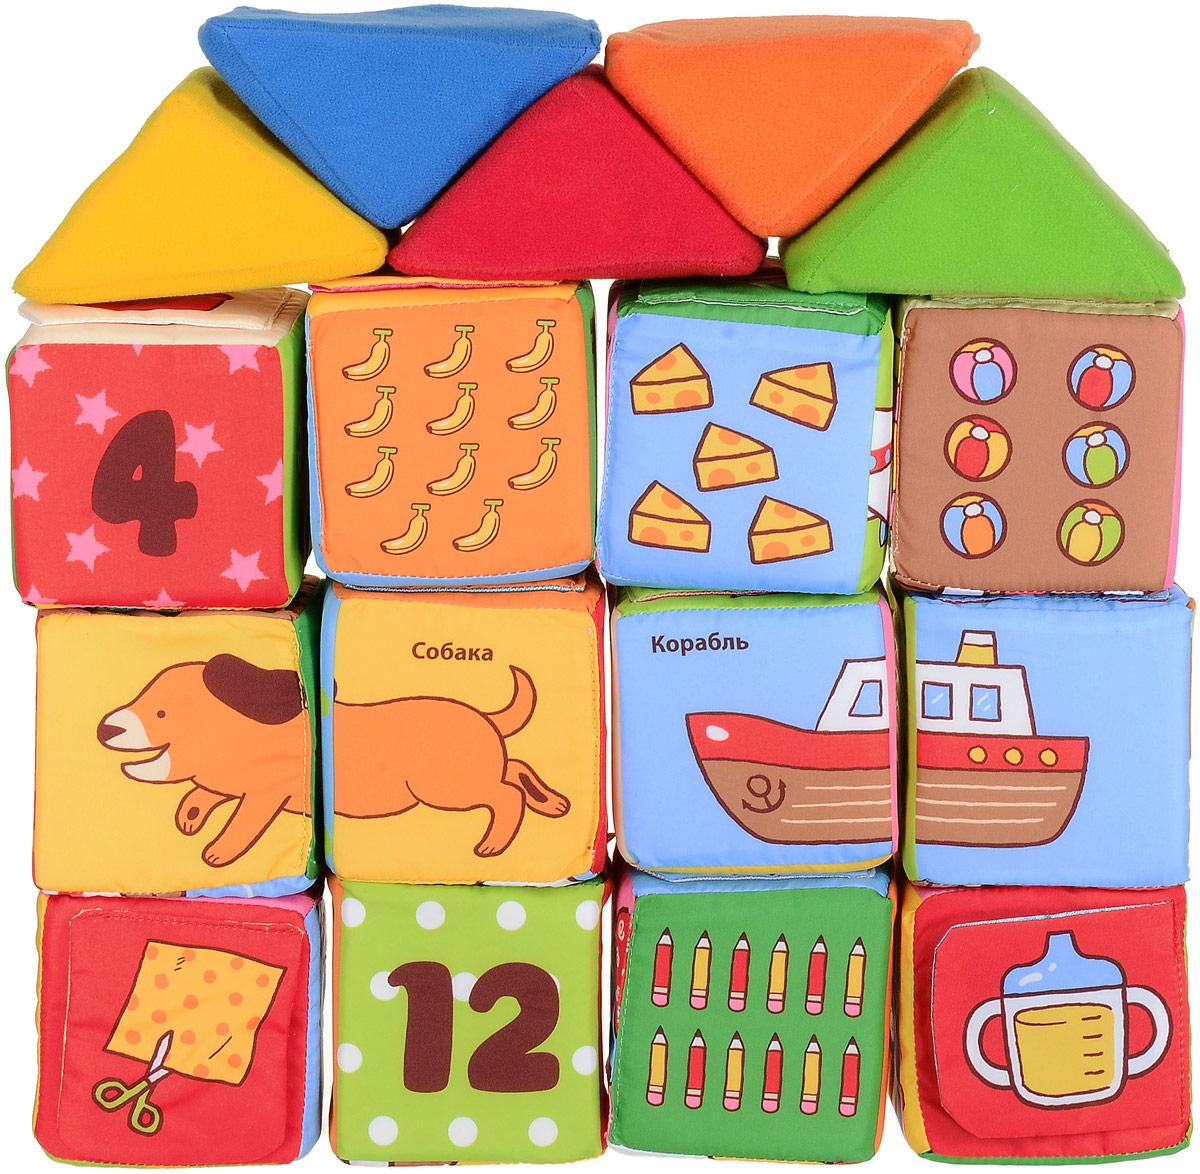 K'S Kids Кубики мягкие Обучайка - Игрушки для малышей